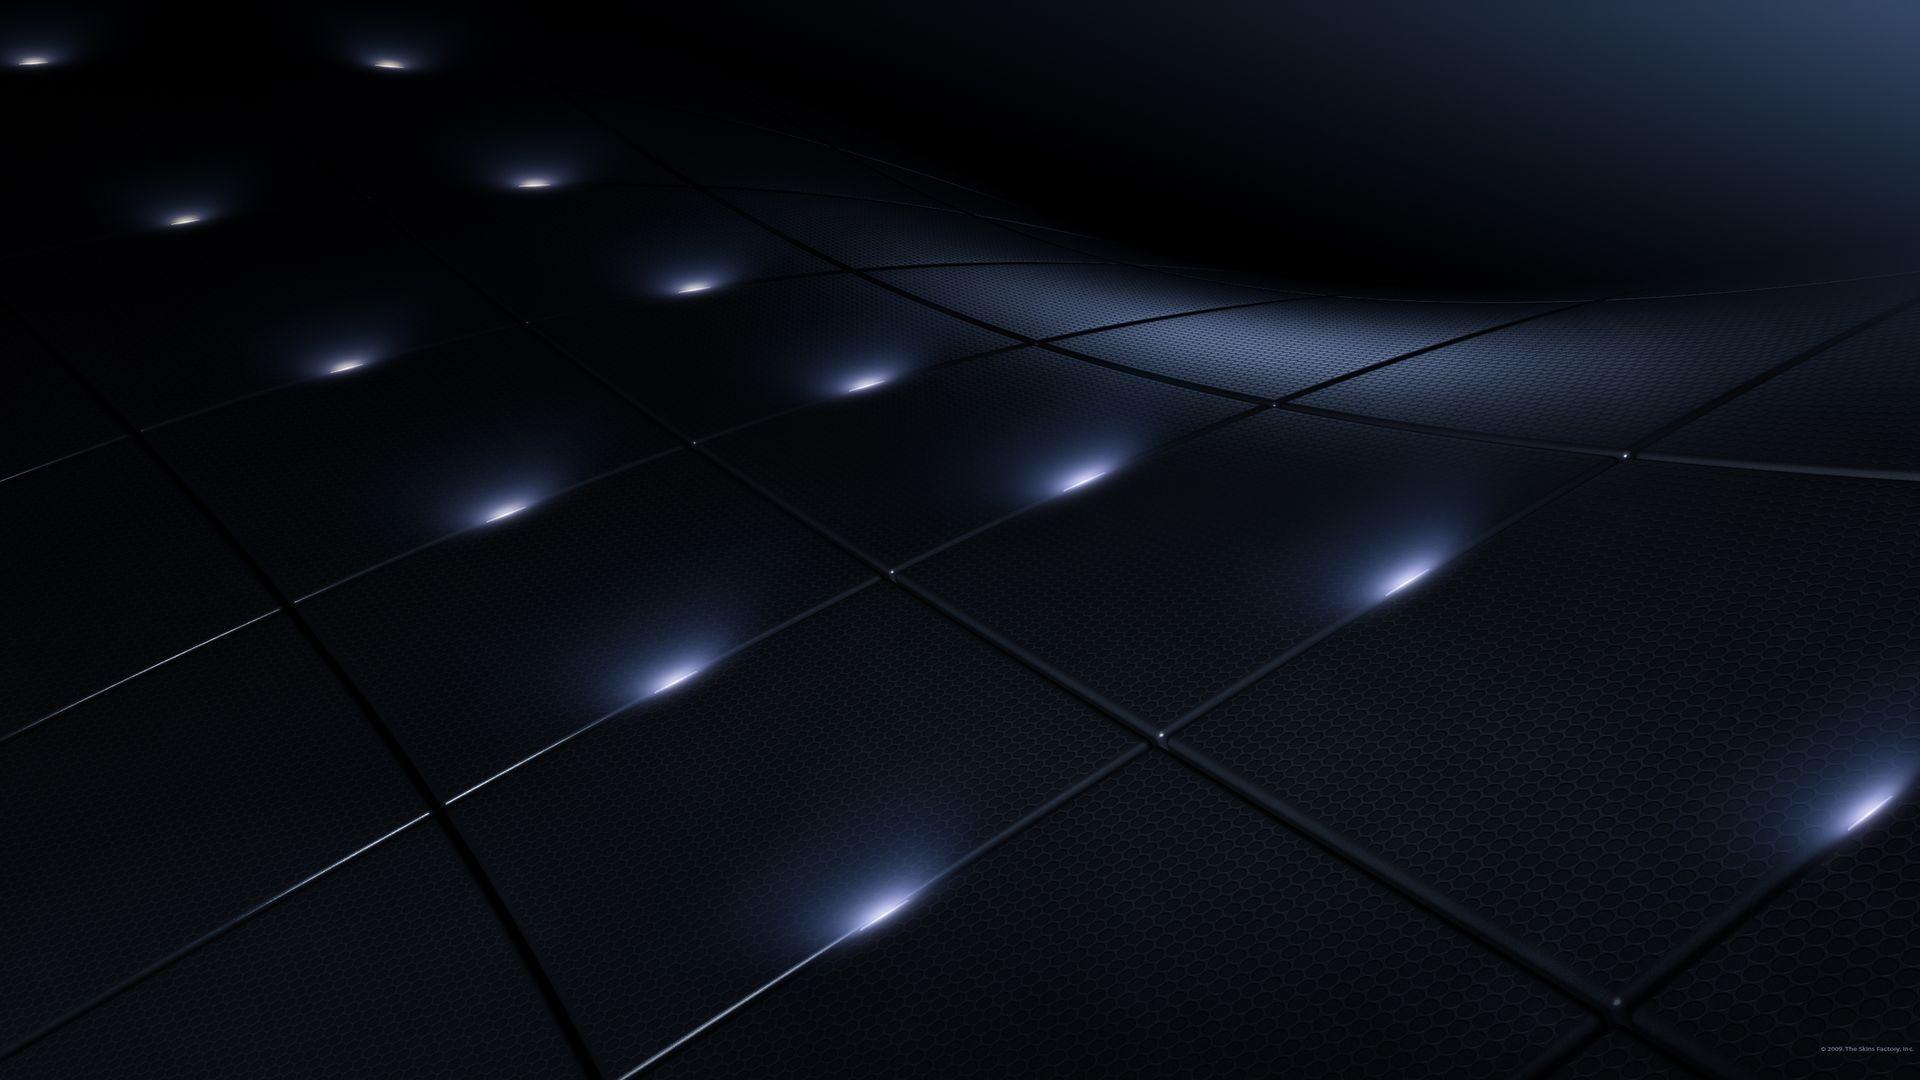 Wallpaper Iphone X Black I 10 Migliori Sfondi Per Pc Di Questa Settimana 21 01 13